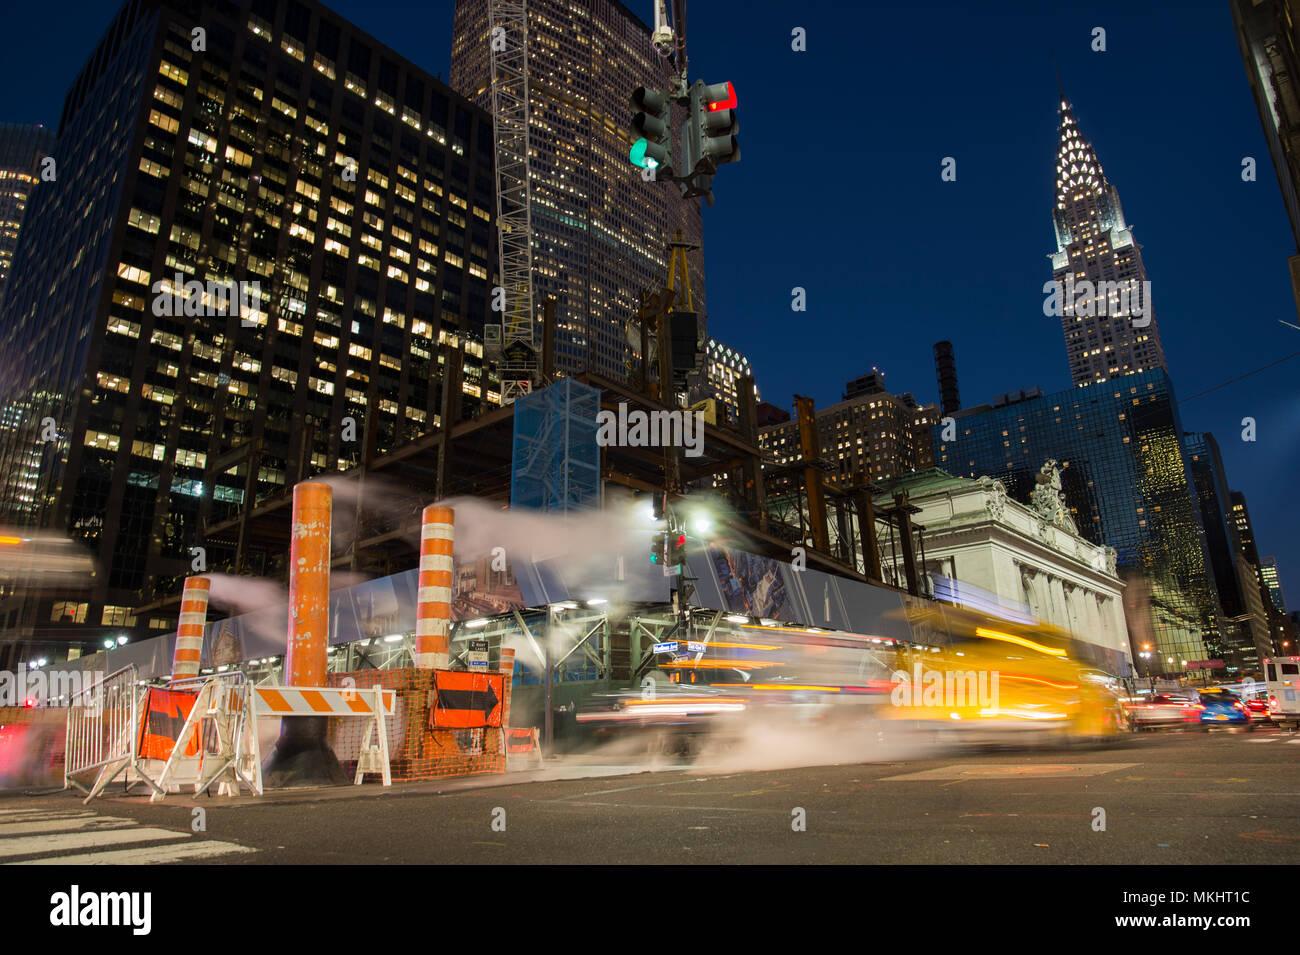 NEW YORK - Etats-Unis - 31 octobre 2017 - Une longue exposition photo de voitures traversant une intersection à New York pendant que la vapeur qui sort du trou. Banque D'Images